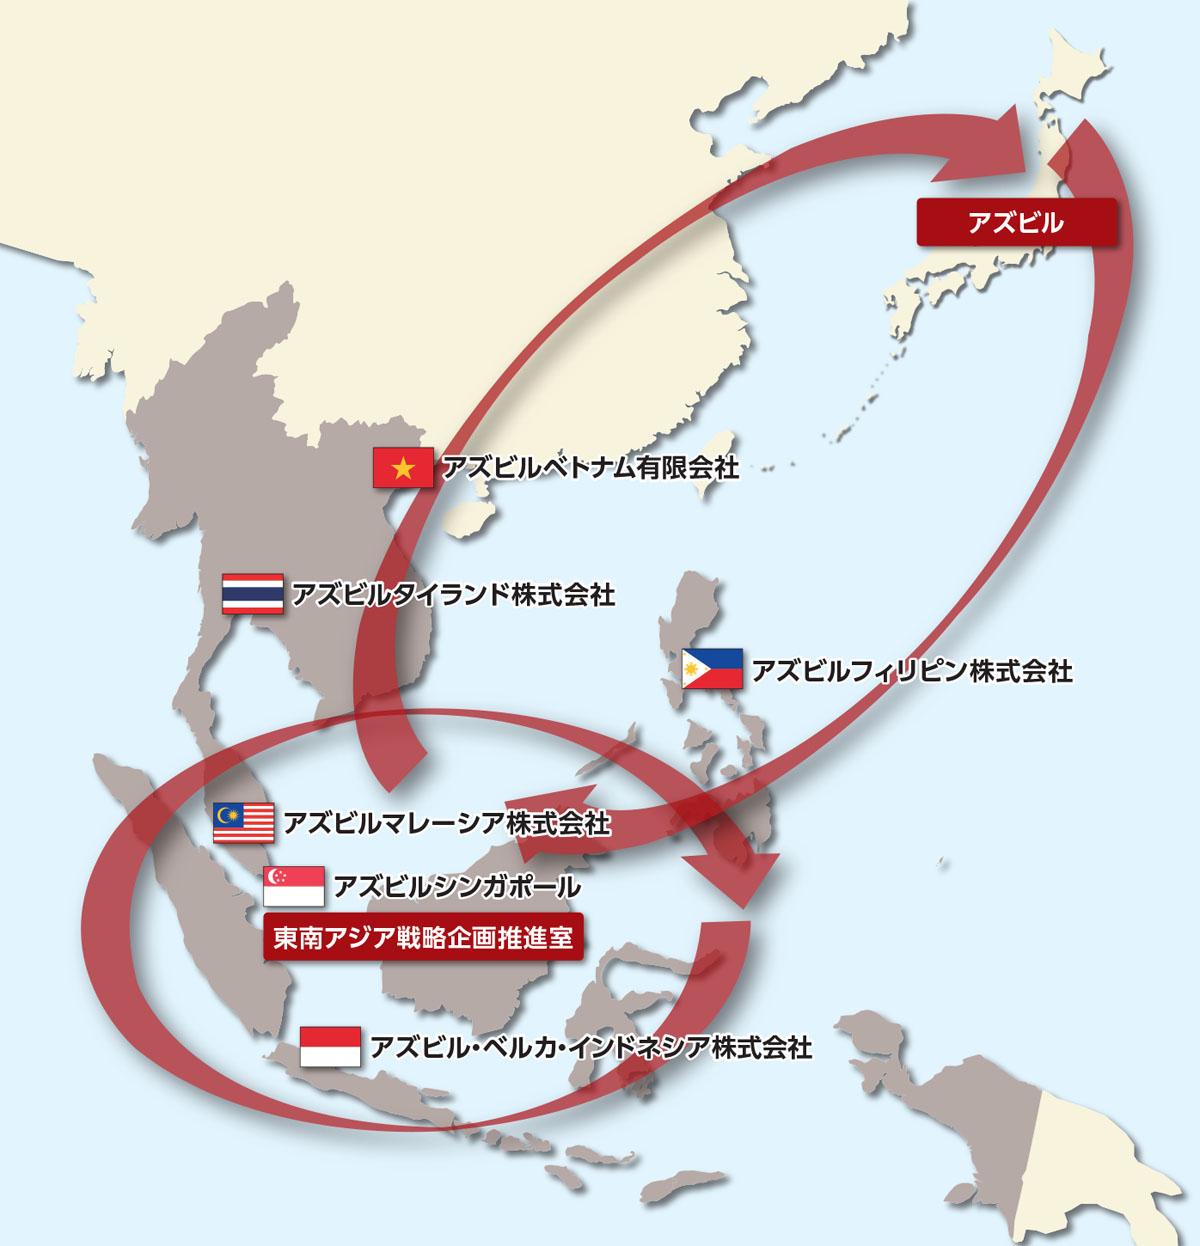 地域内の現地法人同士や日本とのコミュニケーションを活発化することで、効果的な施策の横展開など、連携を強化している。